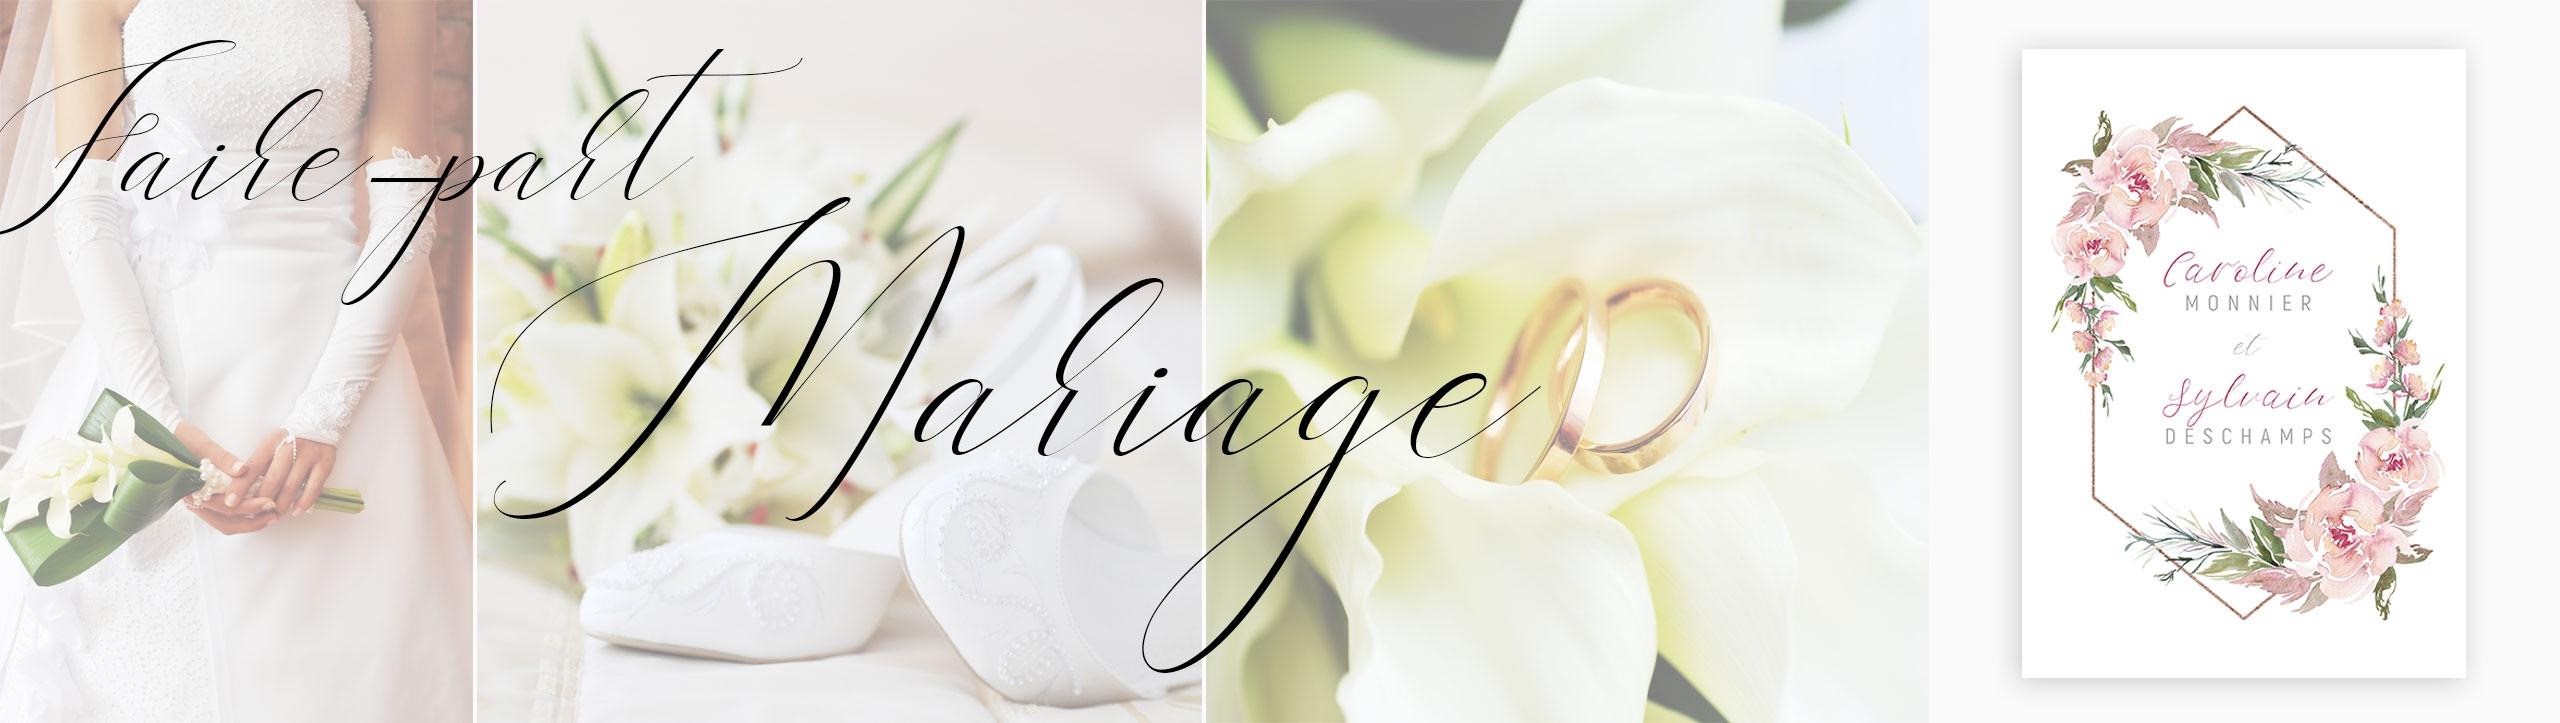 faire part de mariage personnalisables